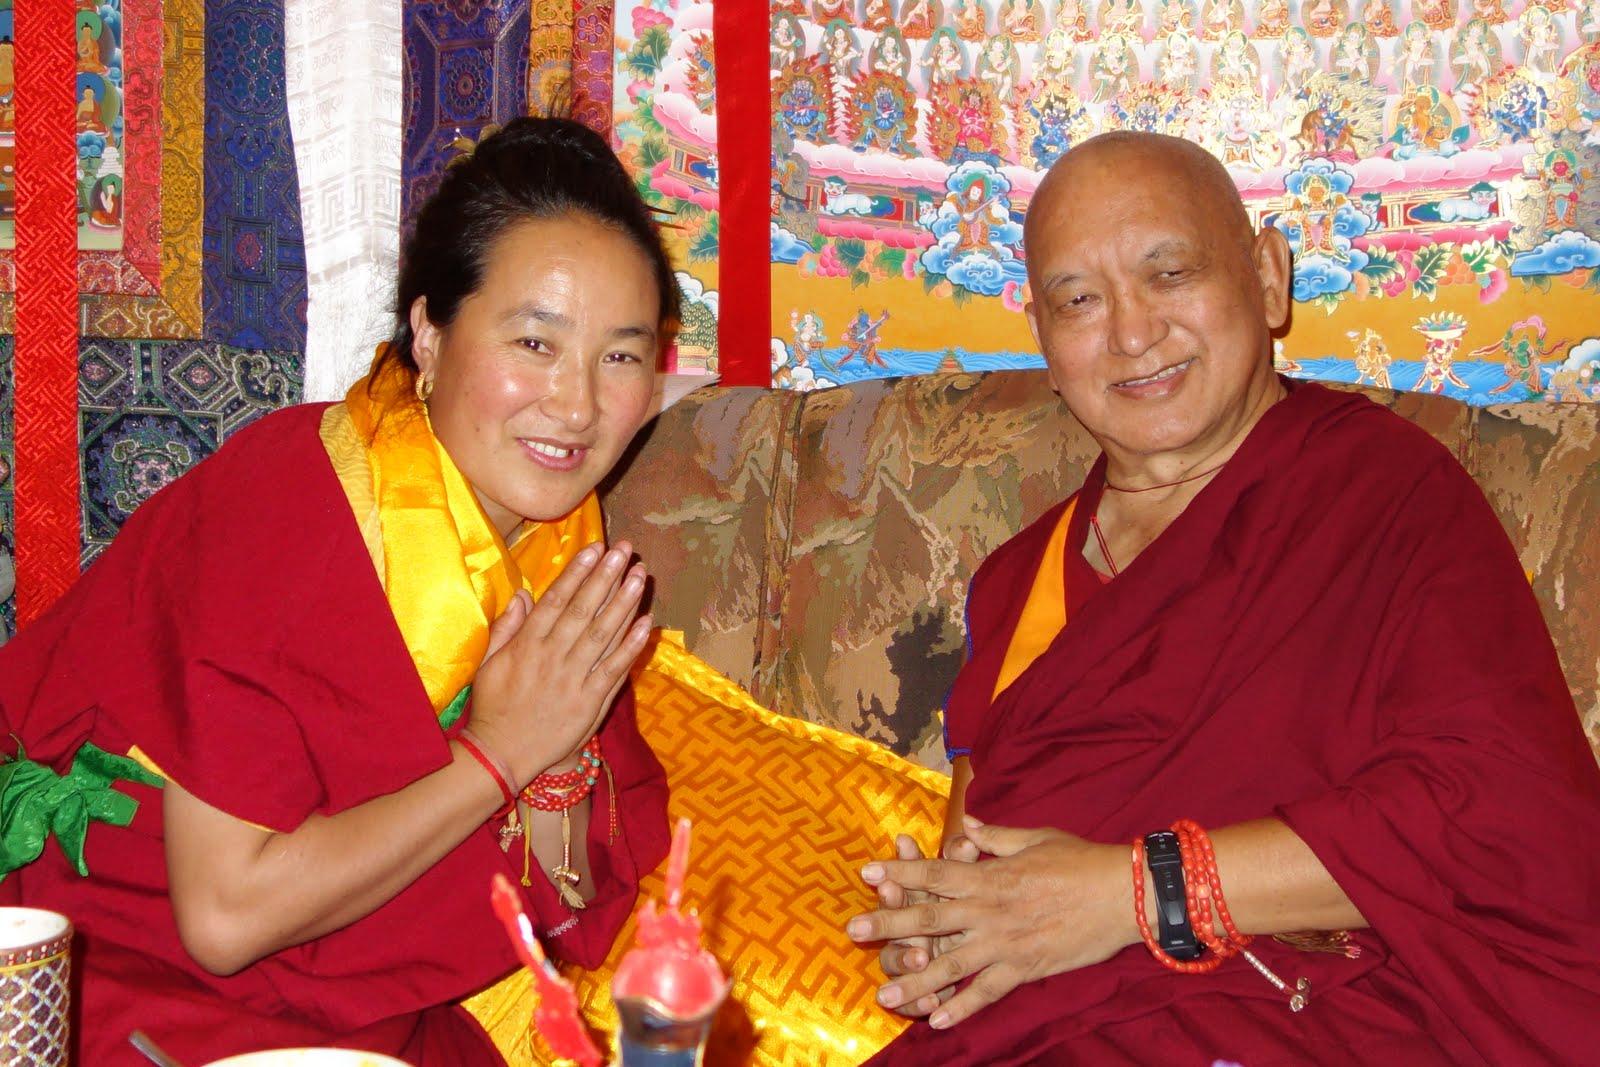 Rinpoche and Khadro-la discussing at Kopan Monastery. Photo Ven. Roger Kunsang